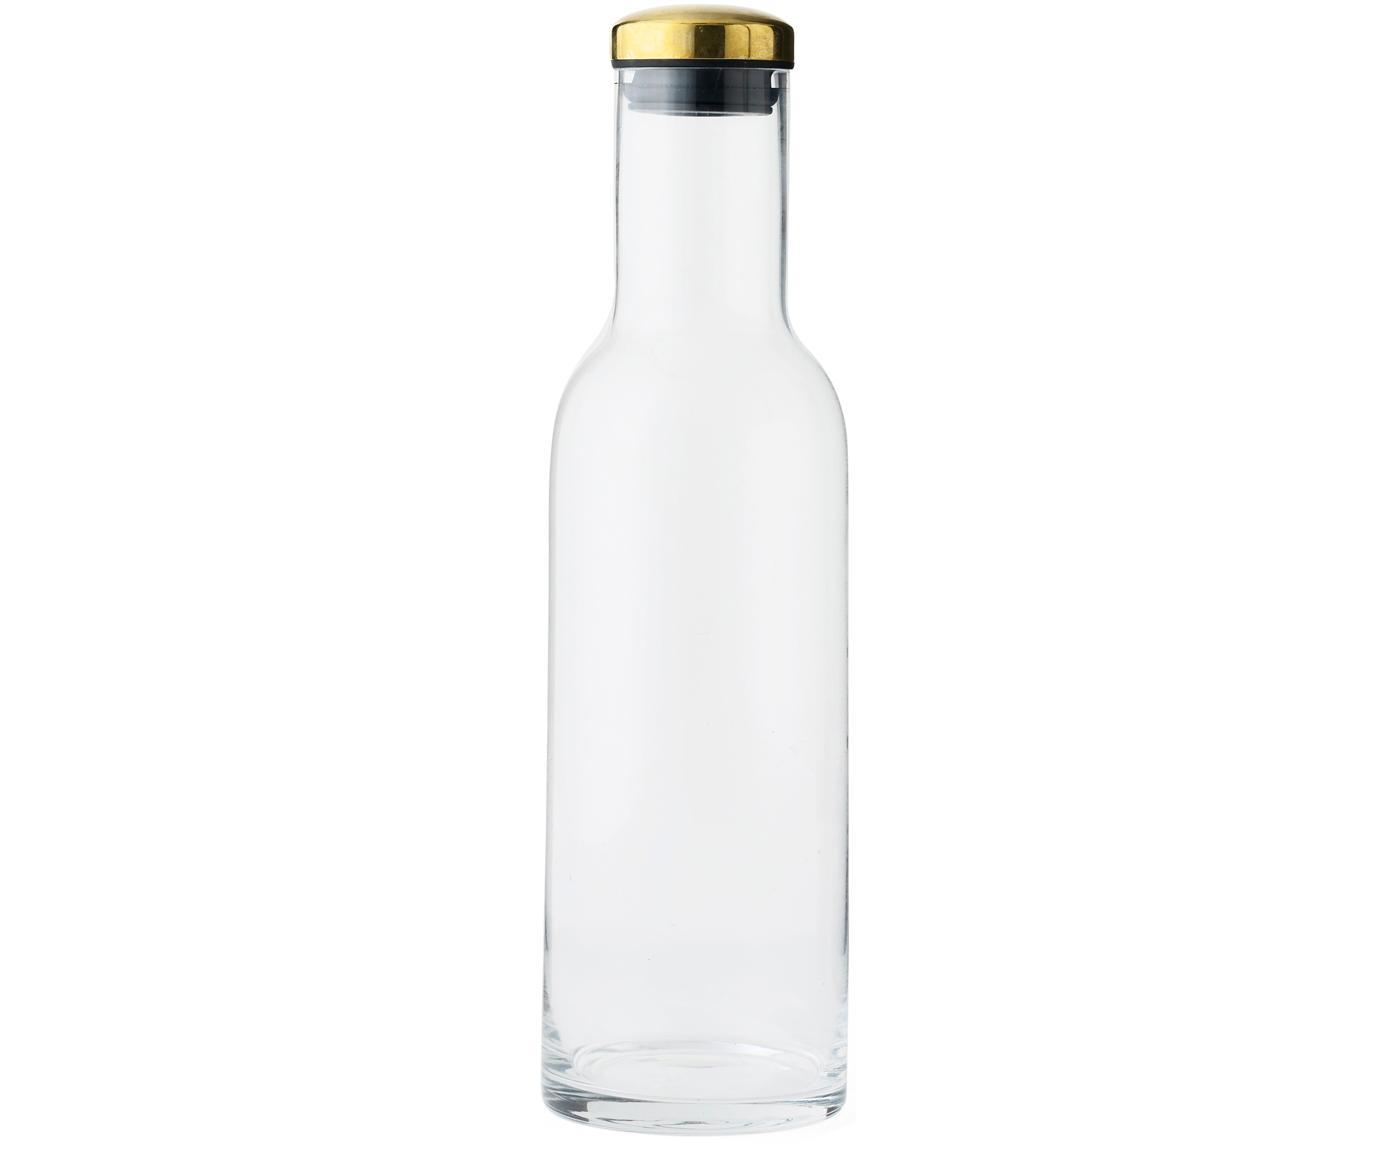 Bottiglia in vetro con coperchio dorato Deluxe, Coperchio: metallo ottonato, Trasparente, Ø 8 x Alt. 29 cm